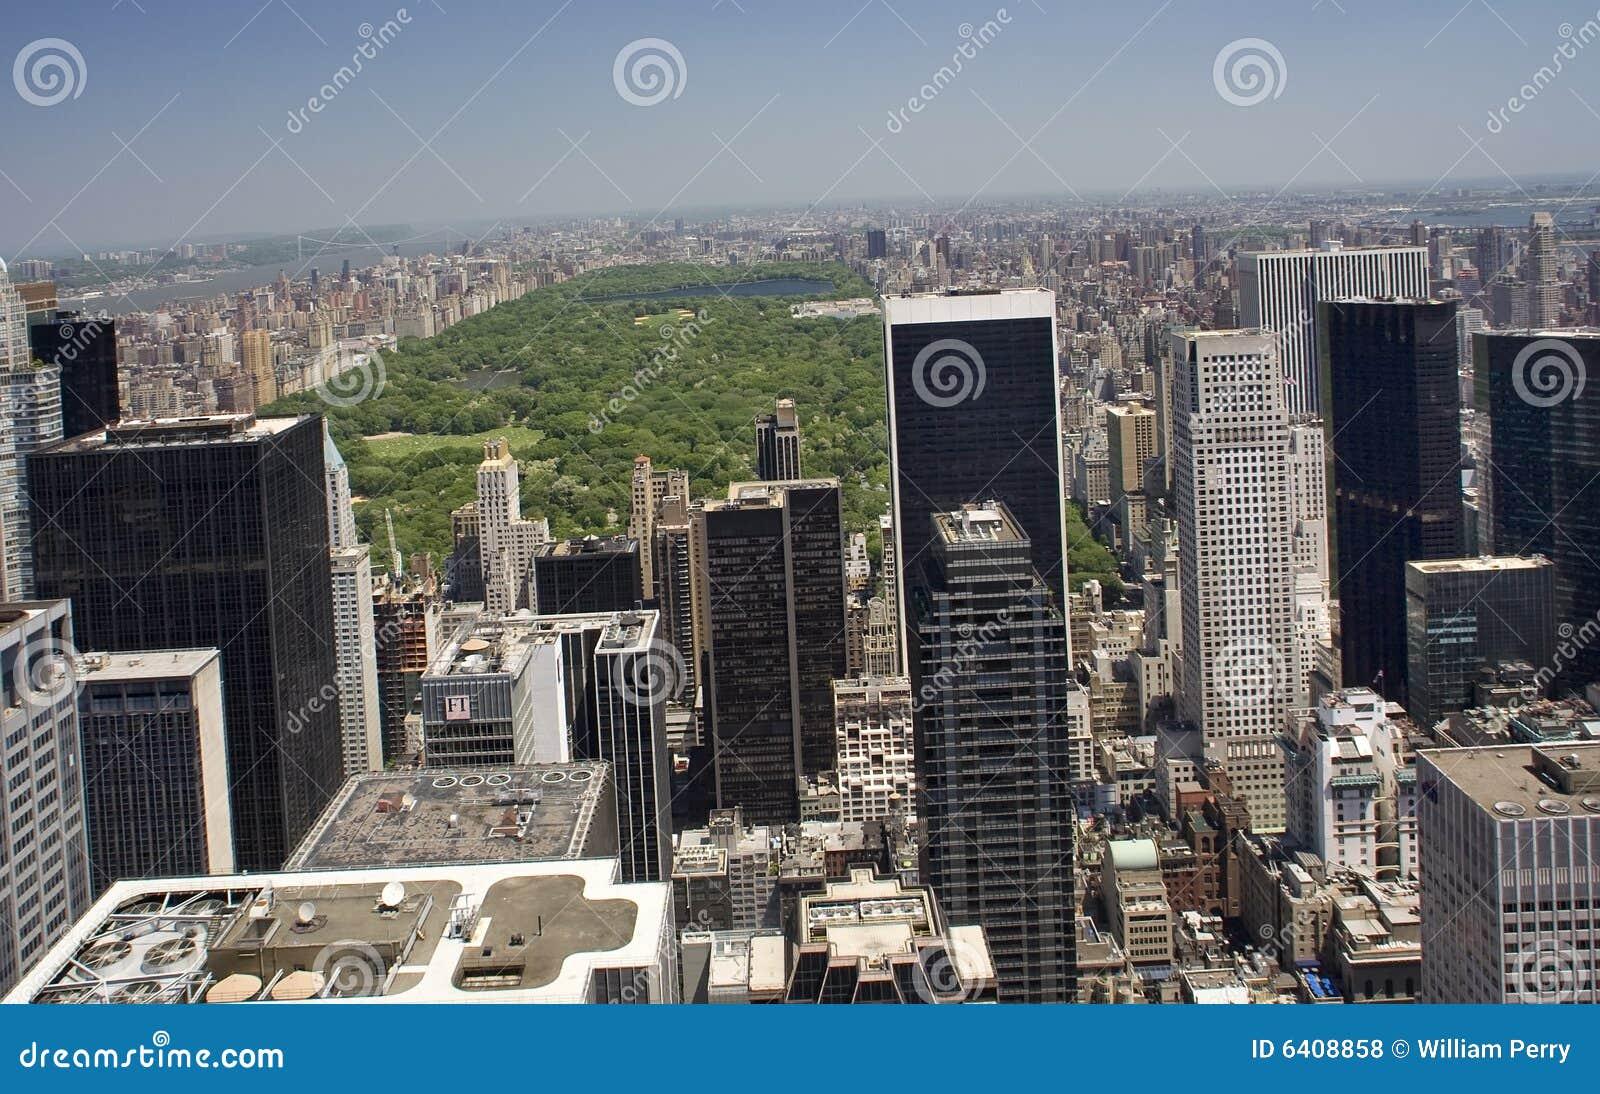 edificios central park new york city de los rascacielos fotos de archivo libres de regalas